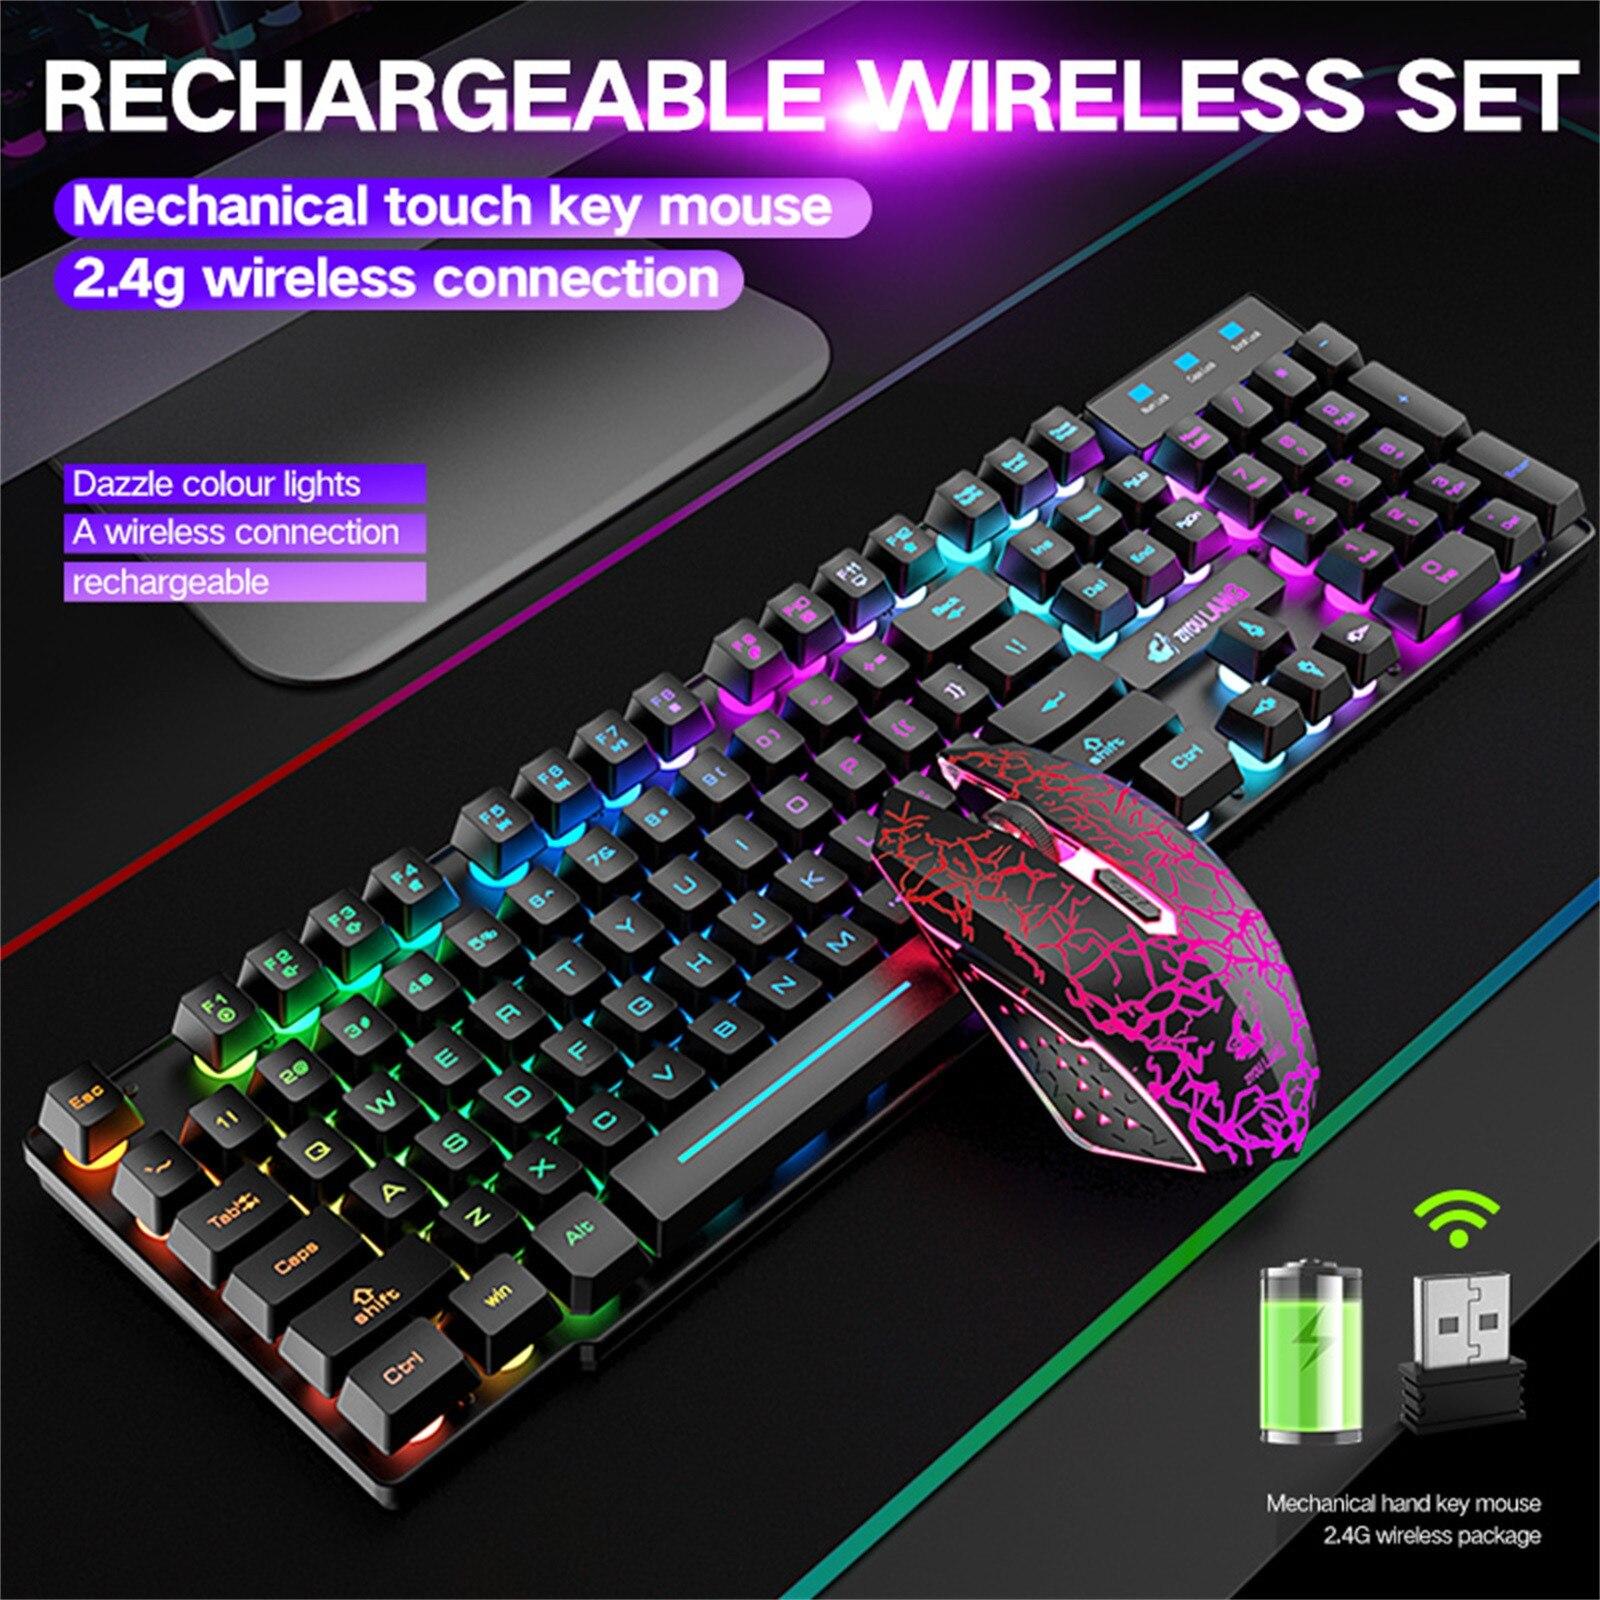 لوحة مفاتيح وماوس لاسلكي لألعاب الفيديو ، مجموعة مع إضاءة خلفية Led بألوان قوس قزح ، ملحقات ألعاب رياضية إلكترونية قابلة لإعادة الشحن